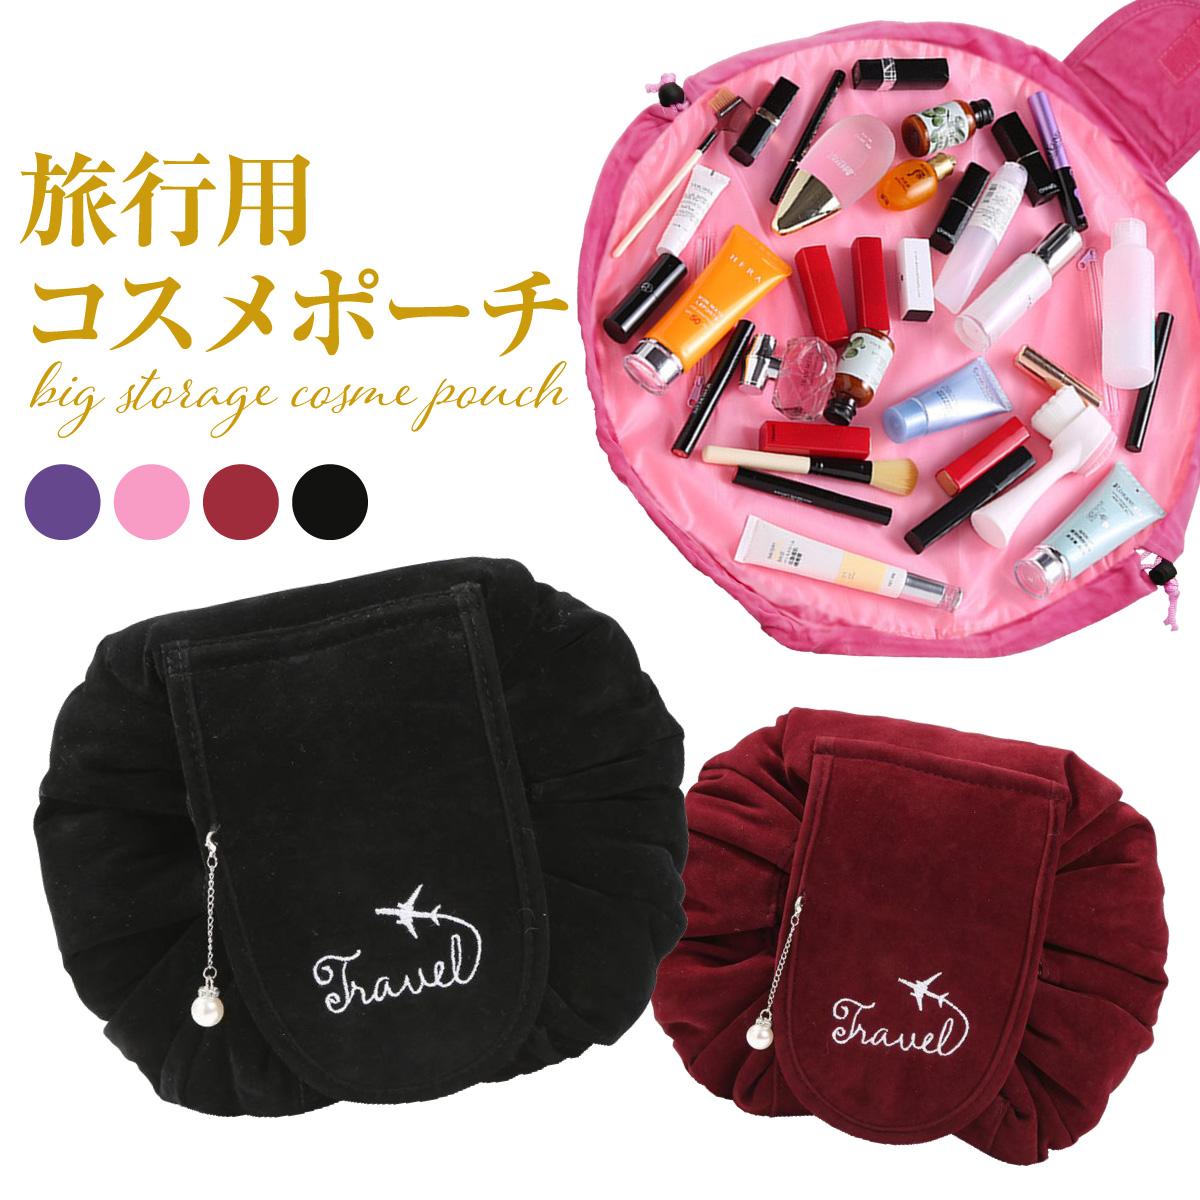 コスメポーチ 化粧ポーチ 大容量 巾着型 レディース 旅行 メイクポーチ 機能的 トラベルポーチ 収納 小物入れ cosmep